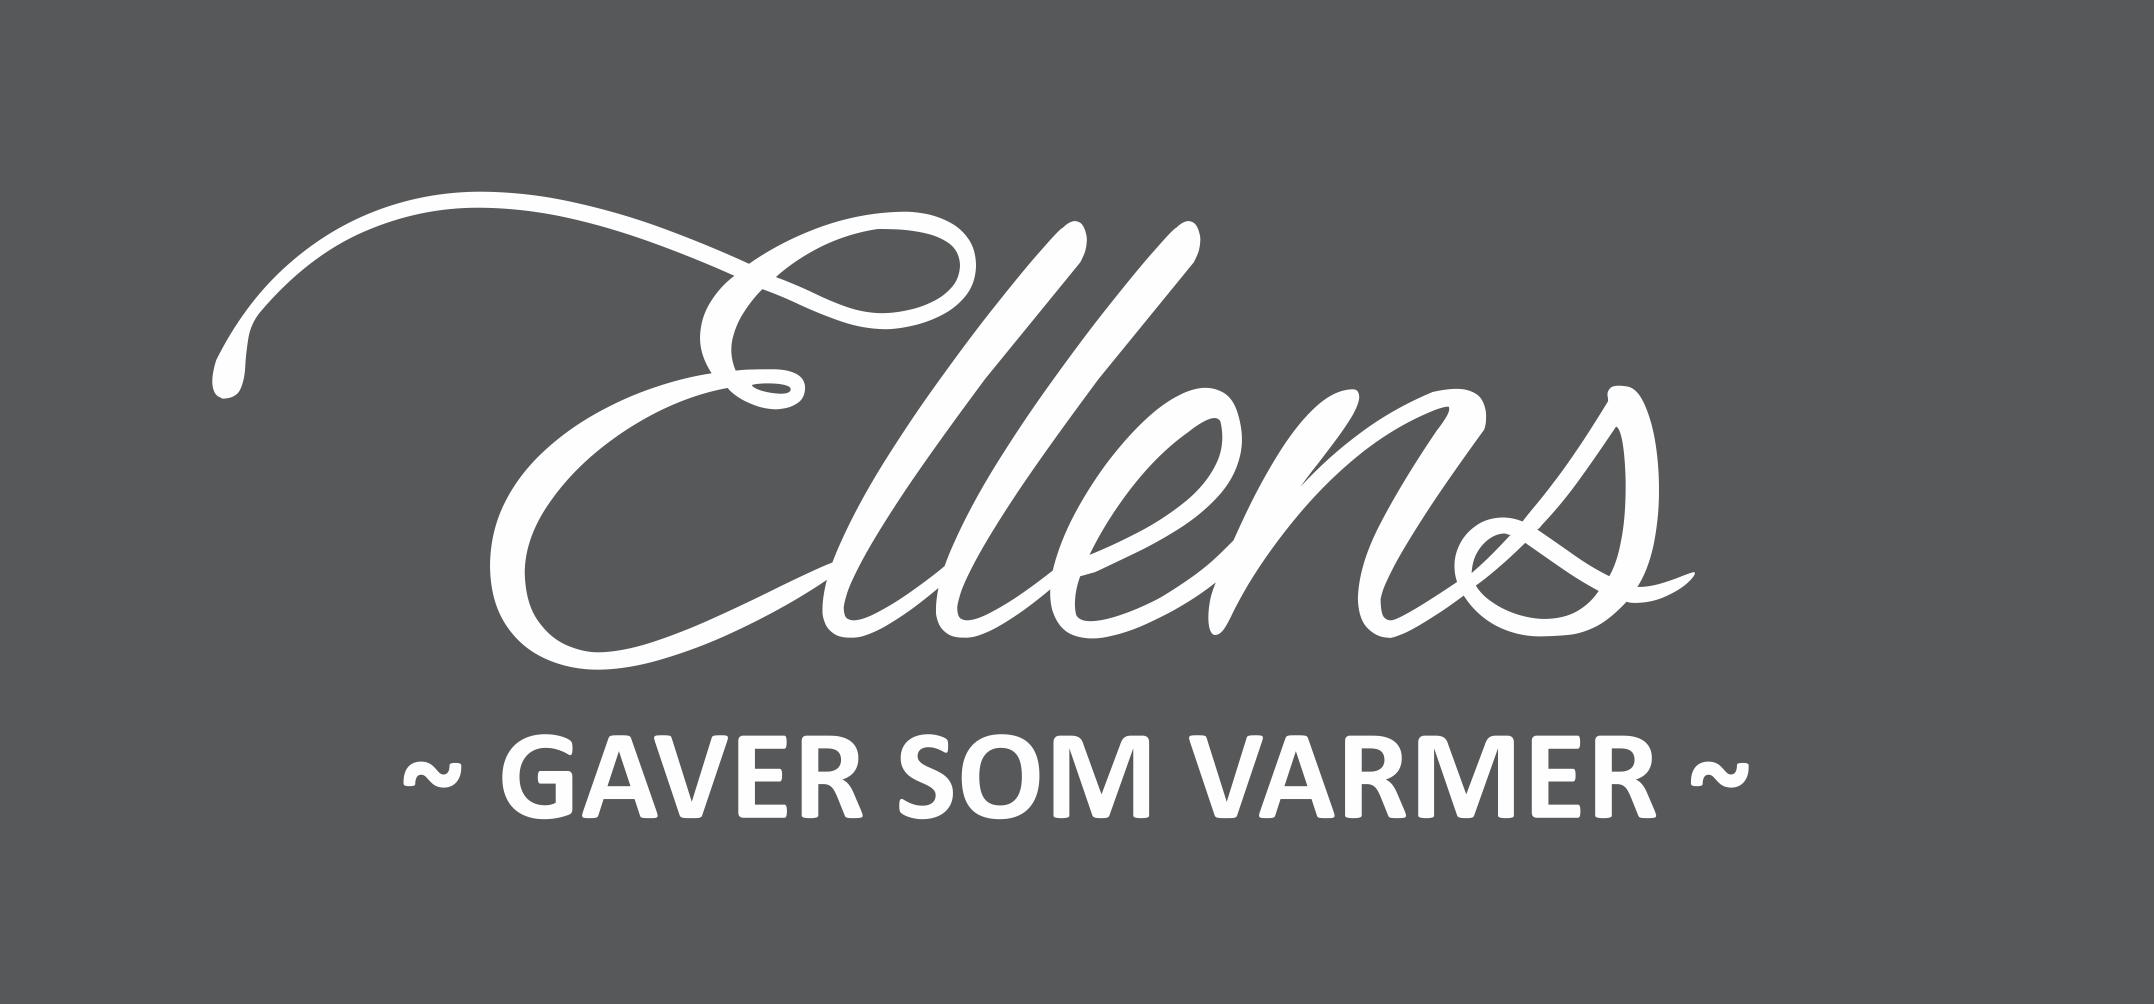 Ellens Gaver